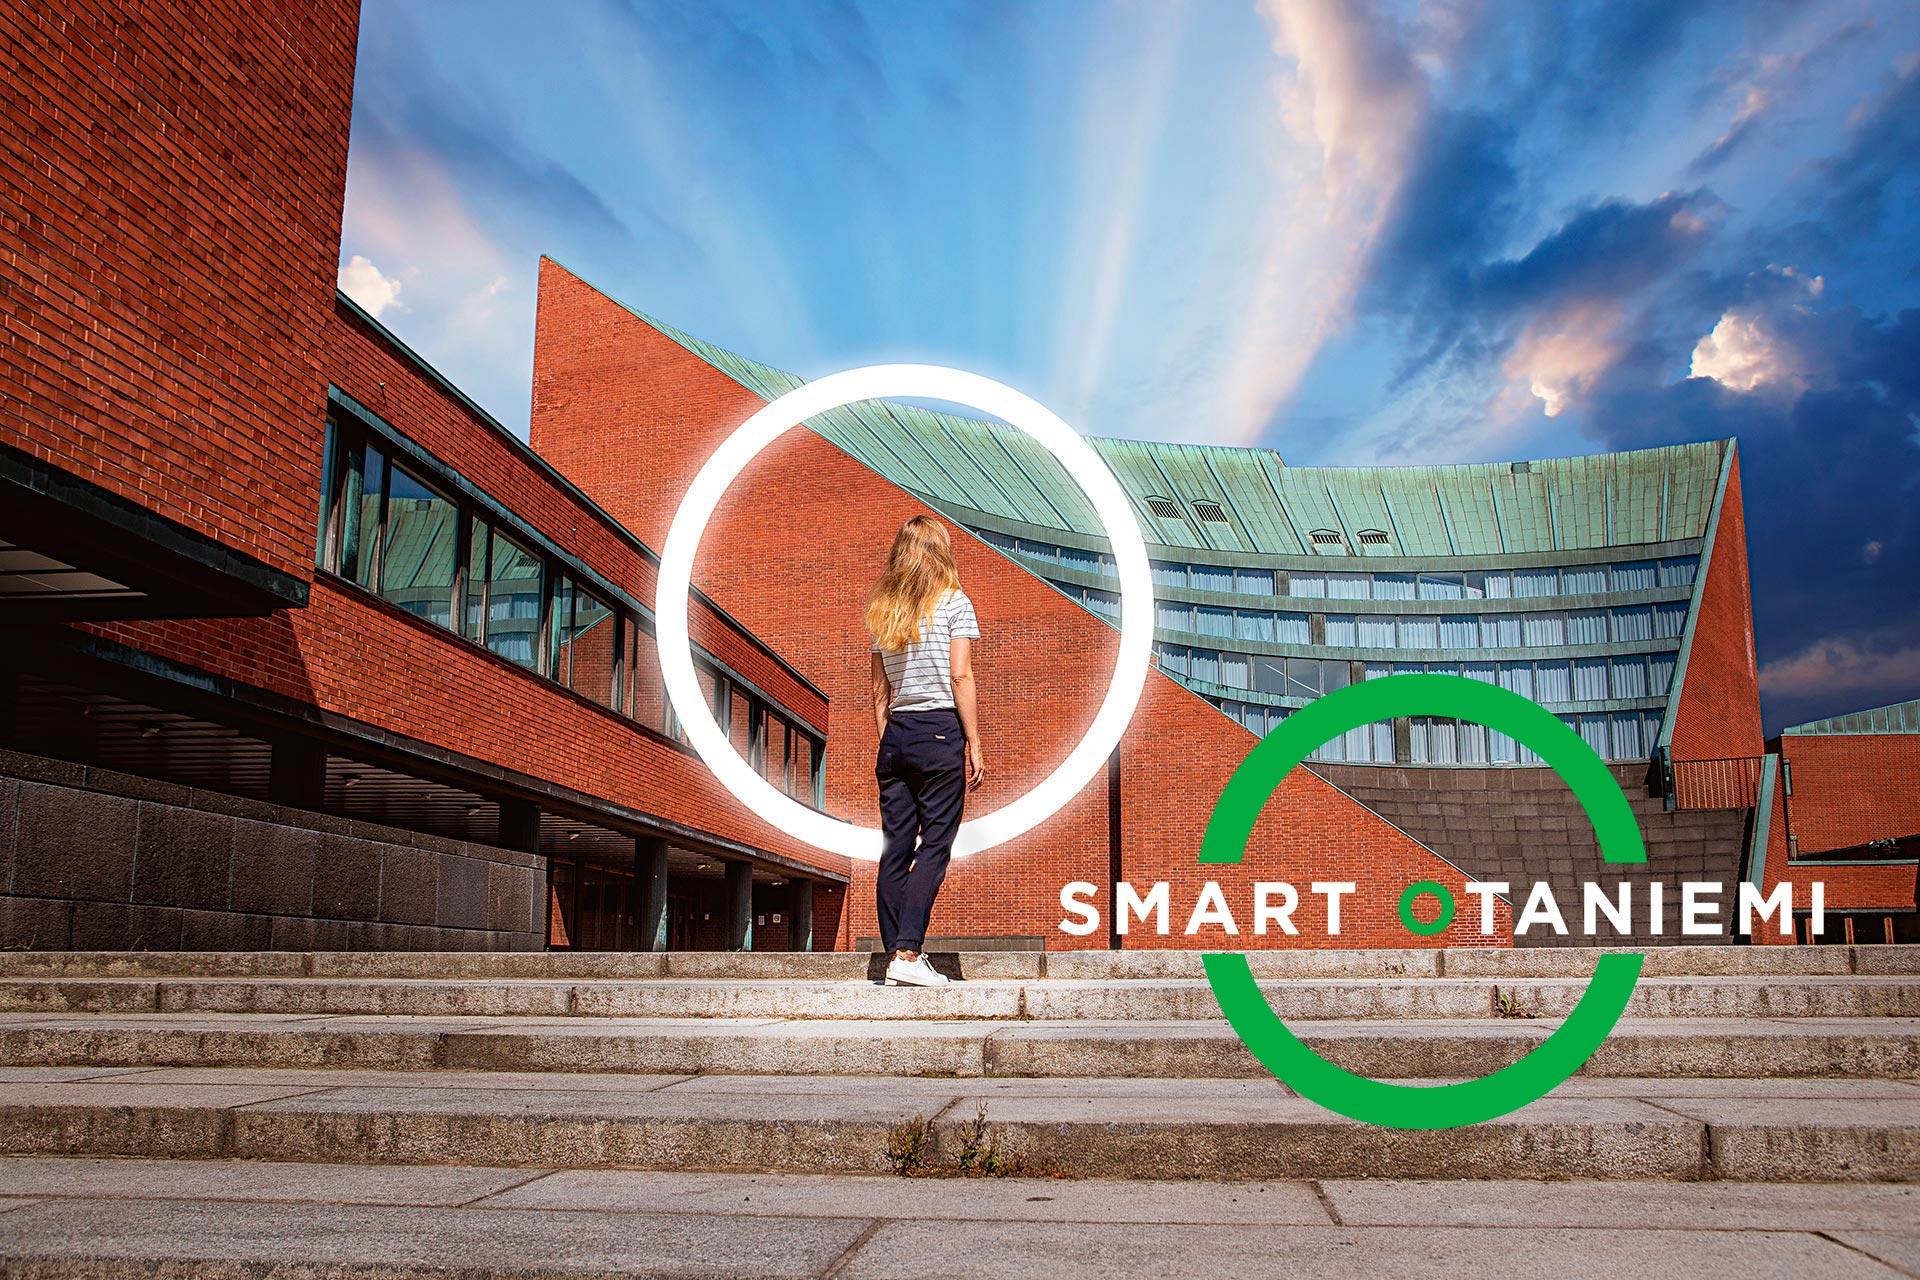 Smart Otaniemi -kierros – DayTripster